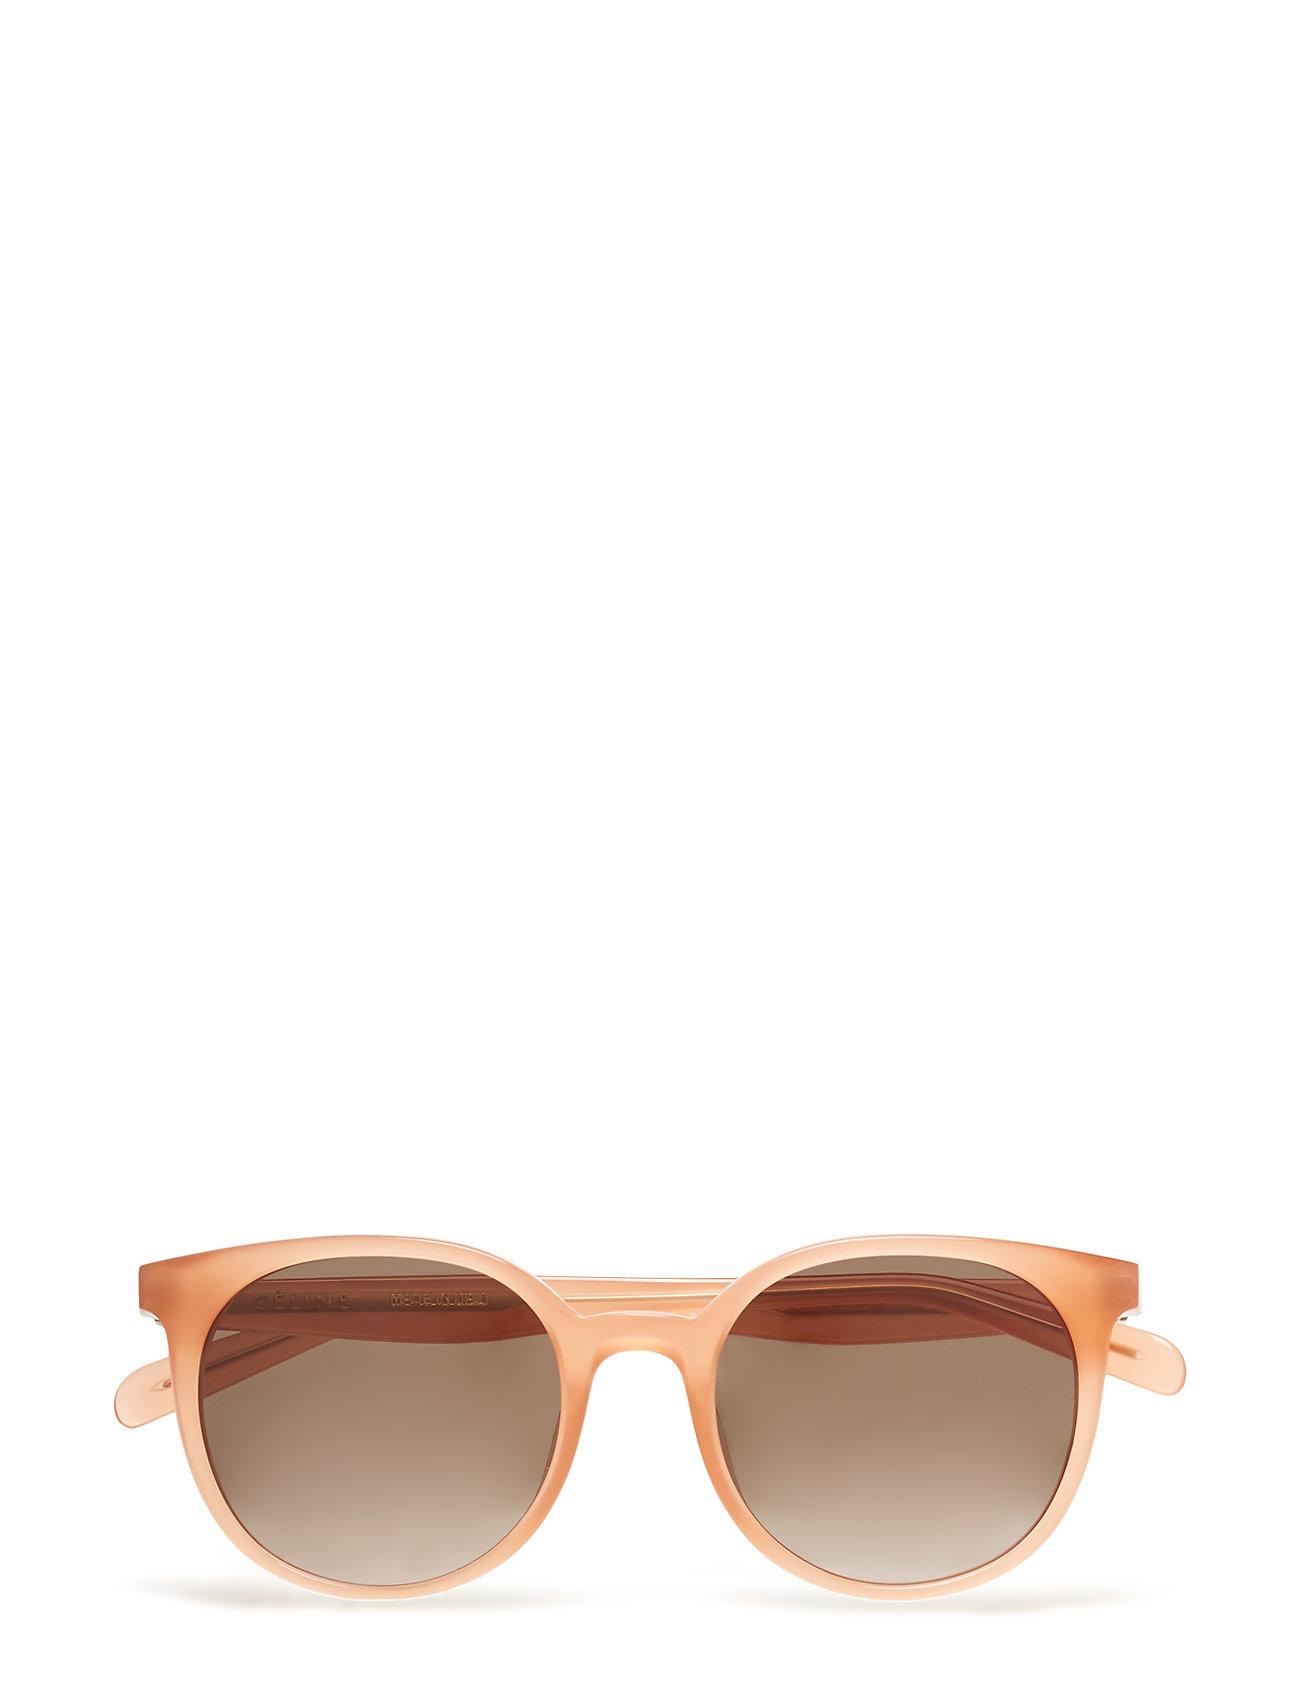 Cl 41067/S CELINE Sunglasses Solbriller til Damer i